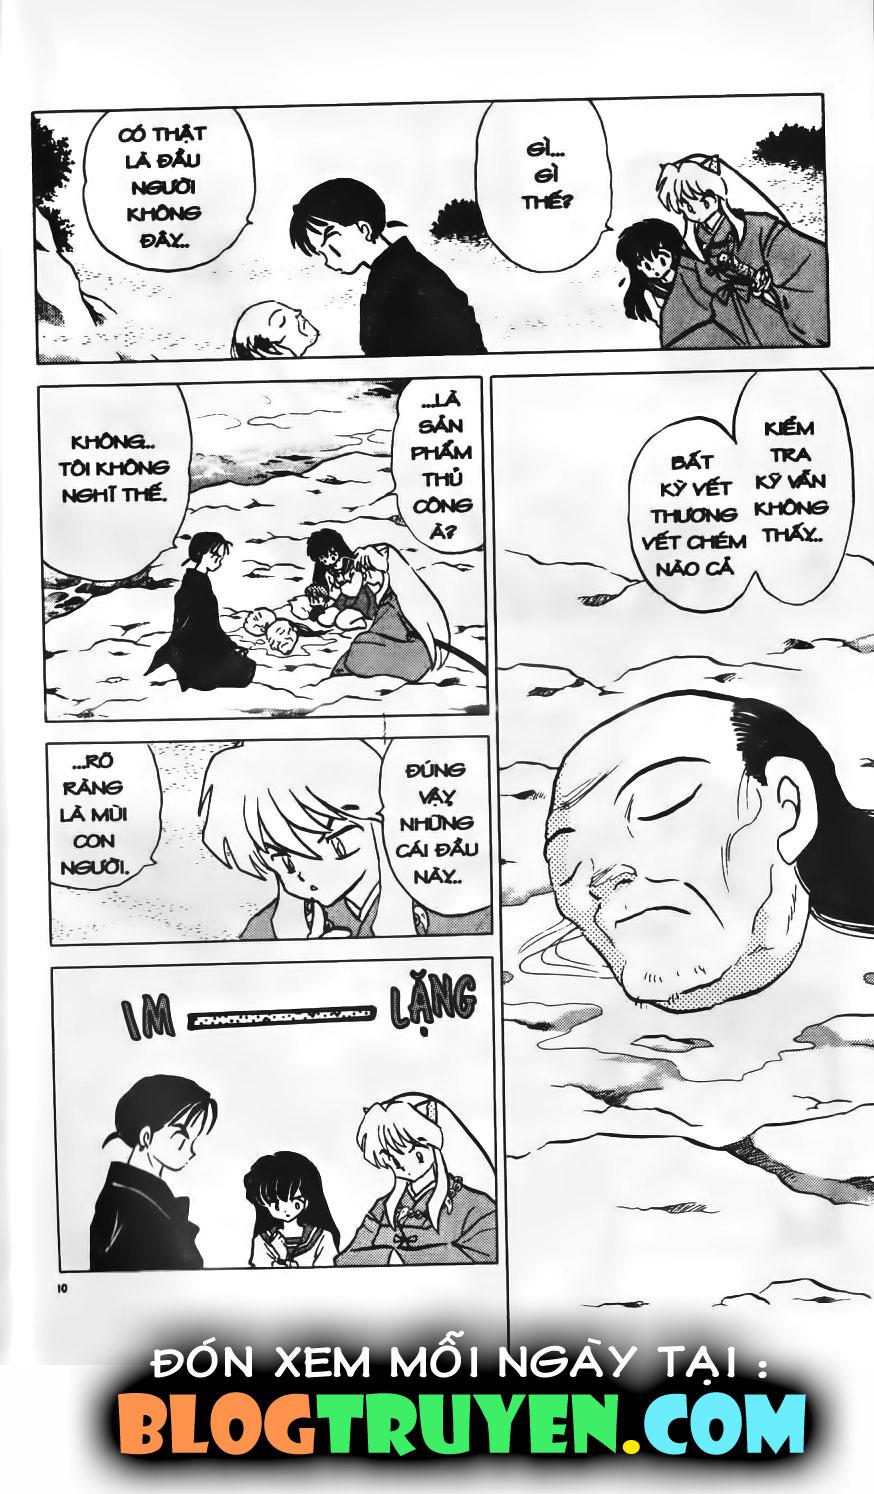 Inuyasha vol 09.1 trang 9